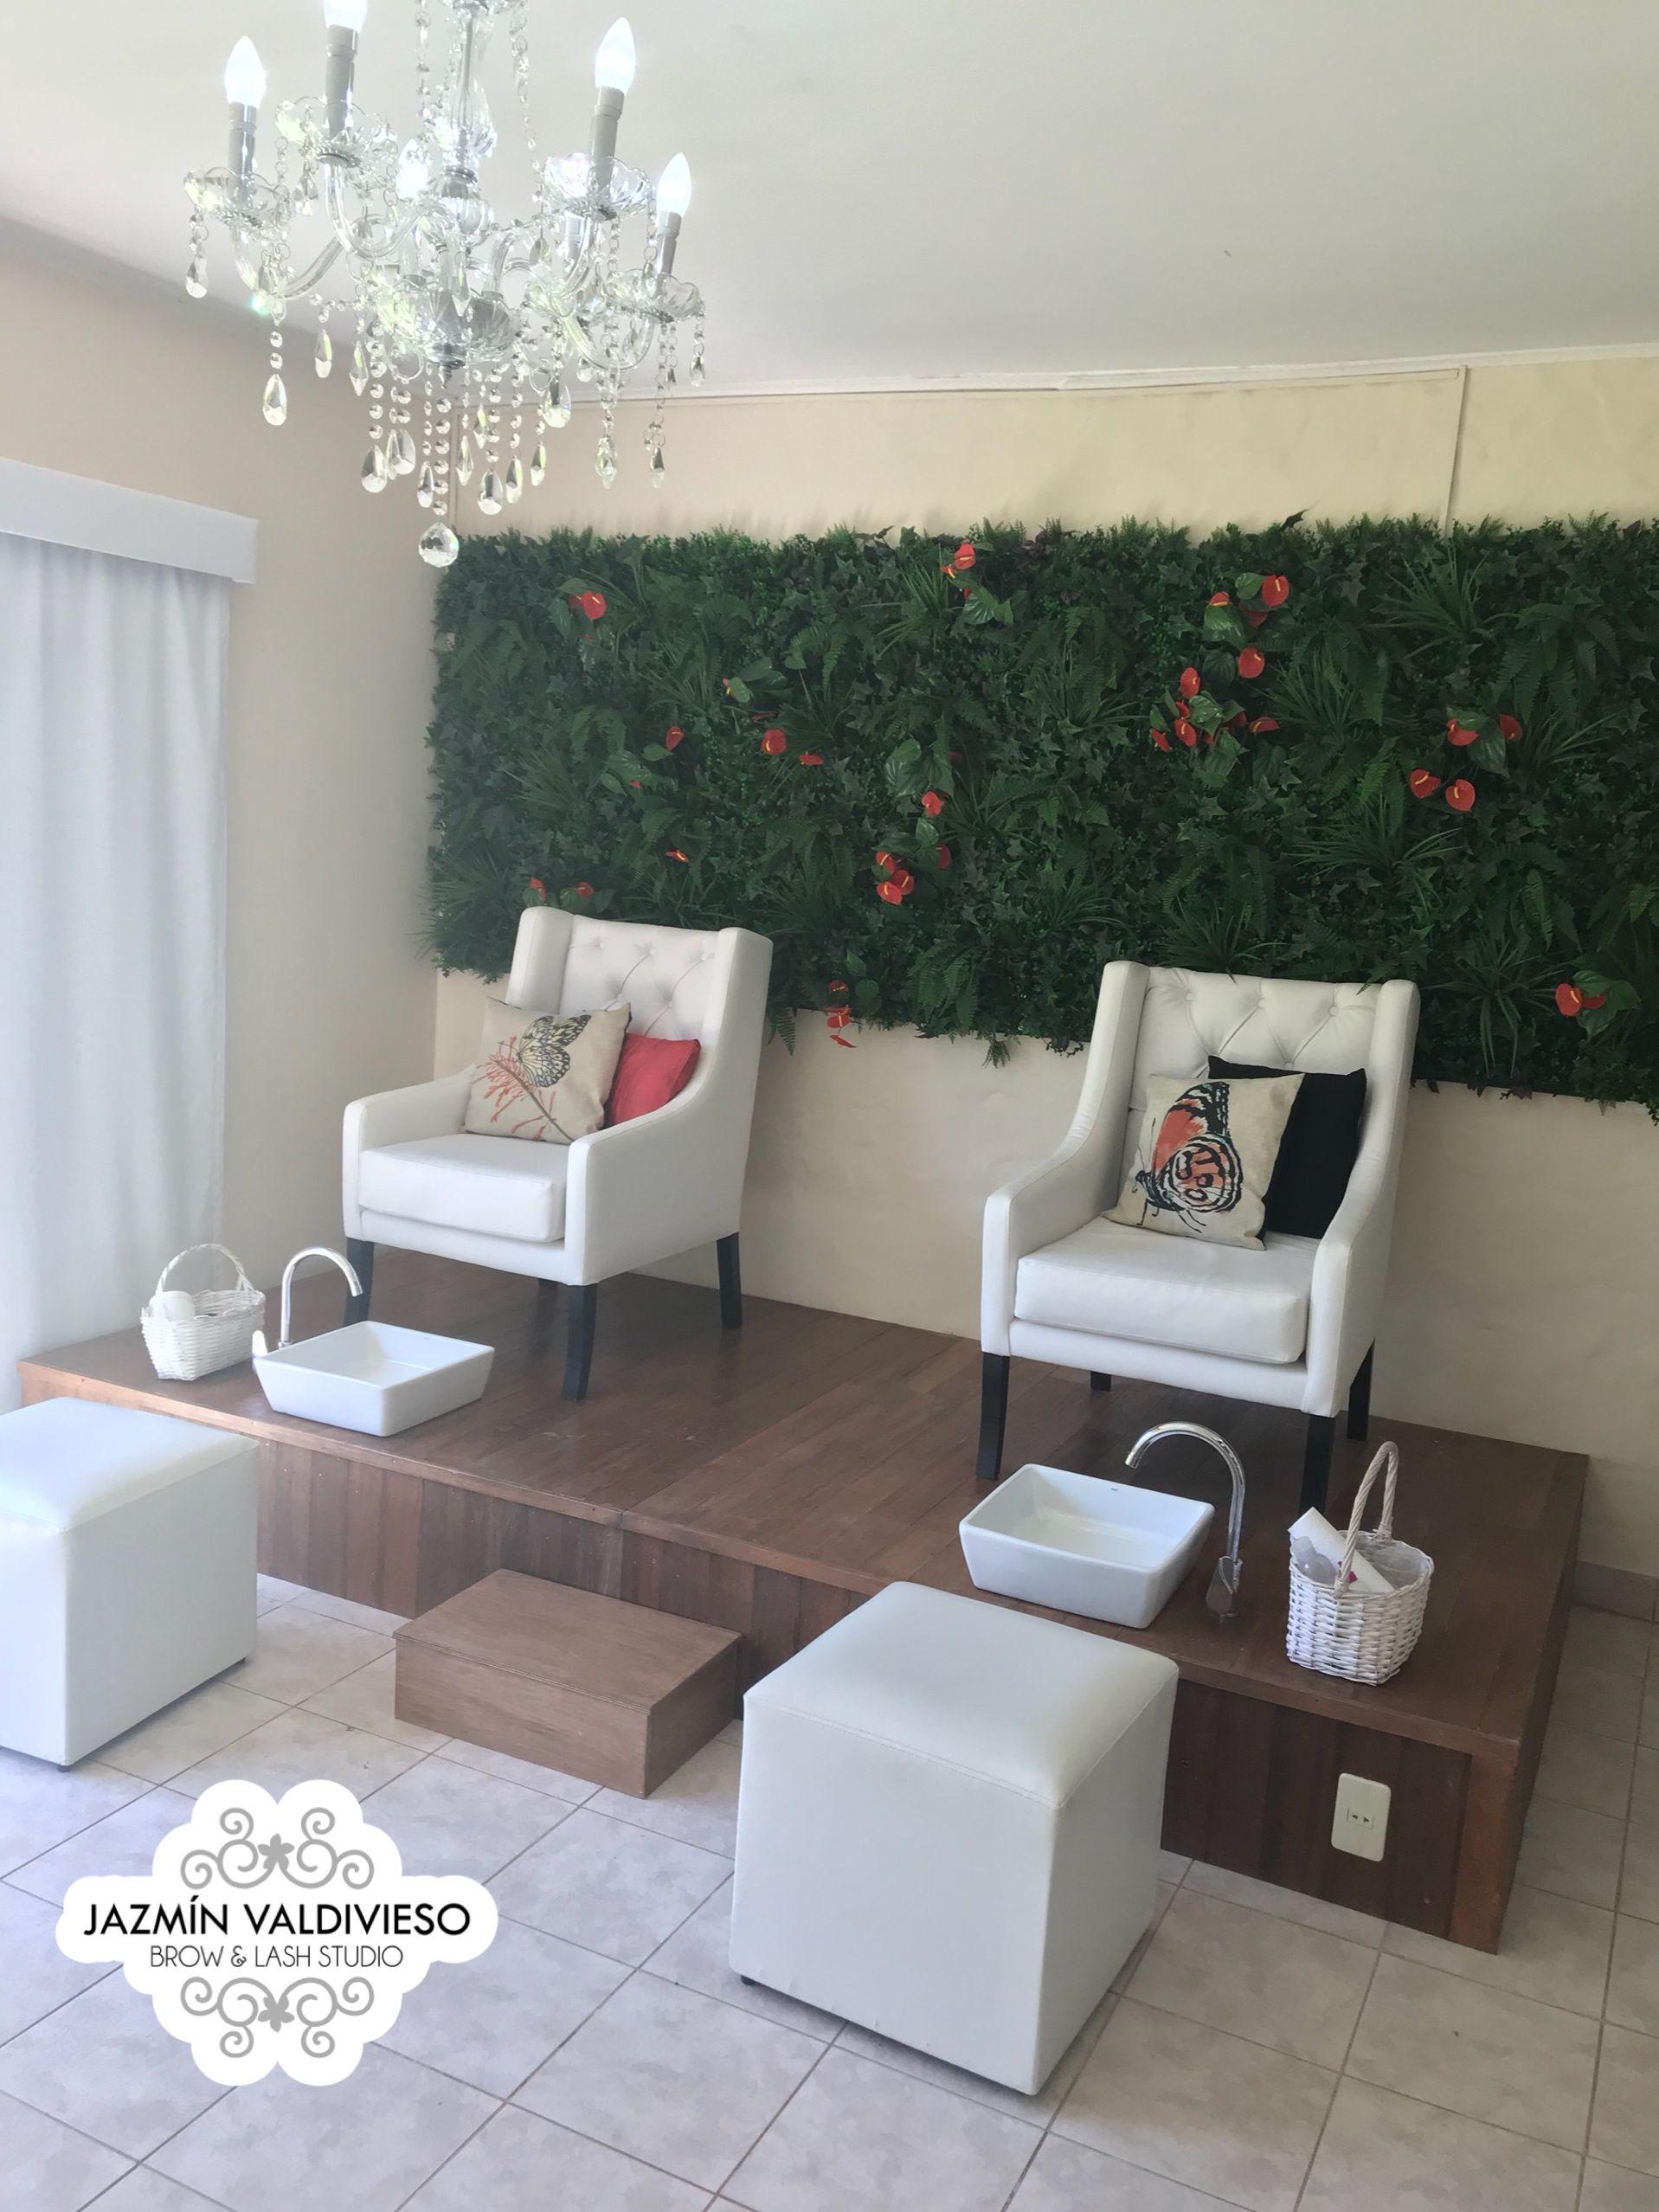 Tarima de madera sillones de cuero super comodos y un fondo de follaje para lograr un ambiente - Sillones para recibidores ...